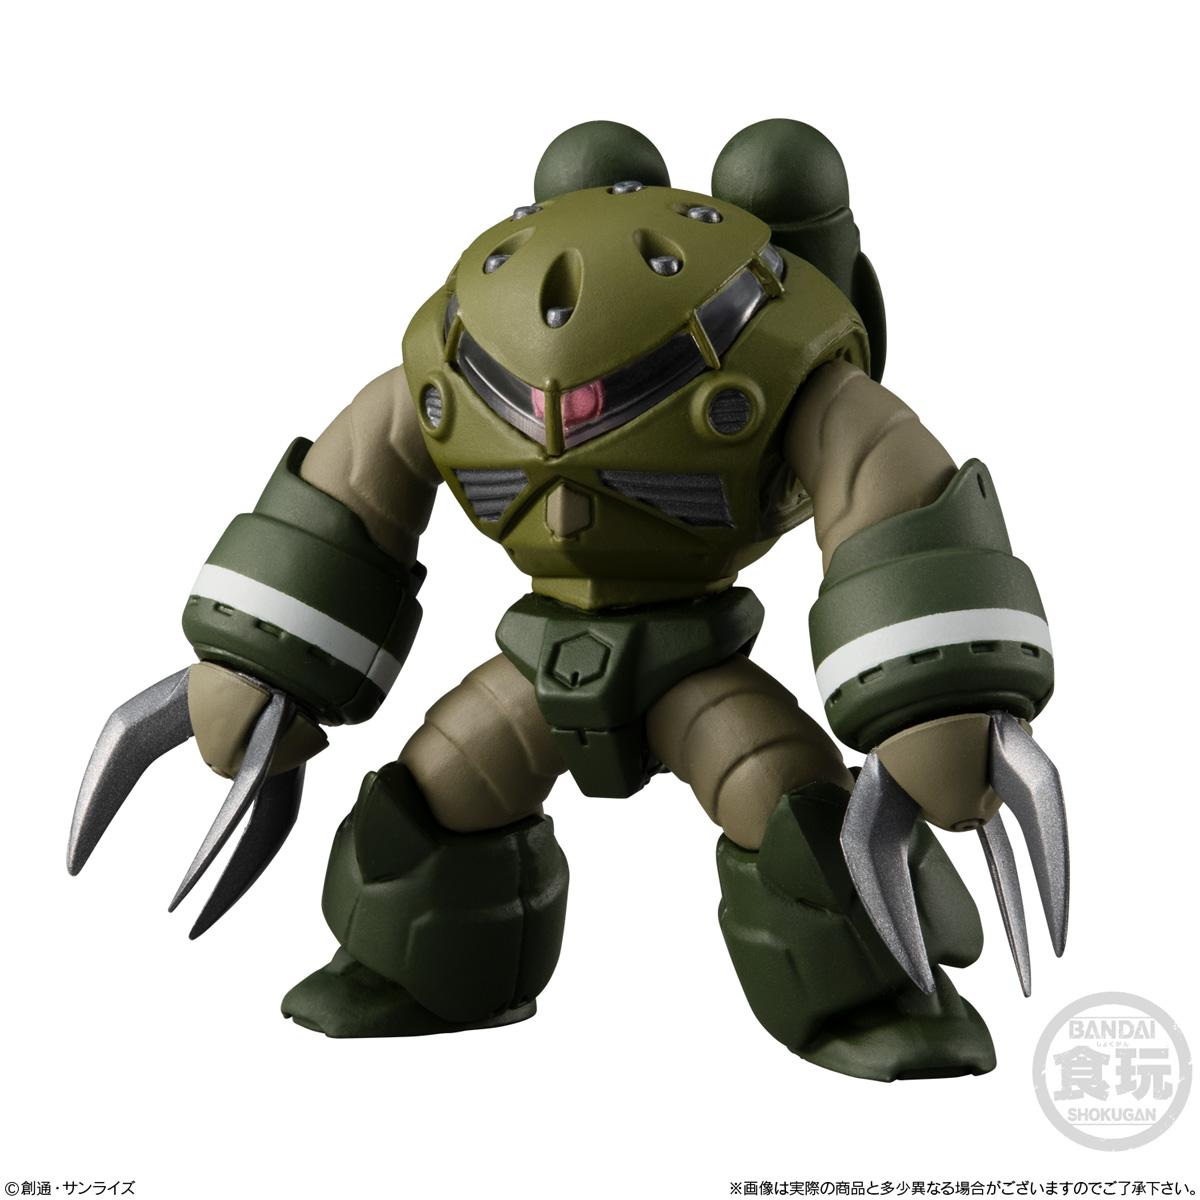 【食玩】機動戦士ガンダム『FW GUNDAM CONVERGE 機動戦士ガンダムUC SPECIAL SELECTION』10個入りBOX-007